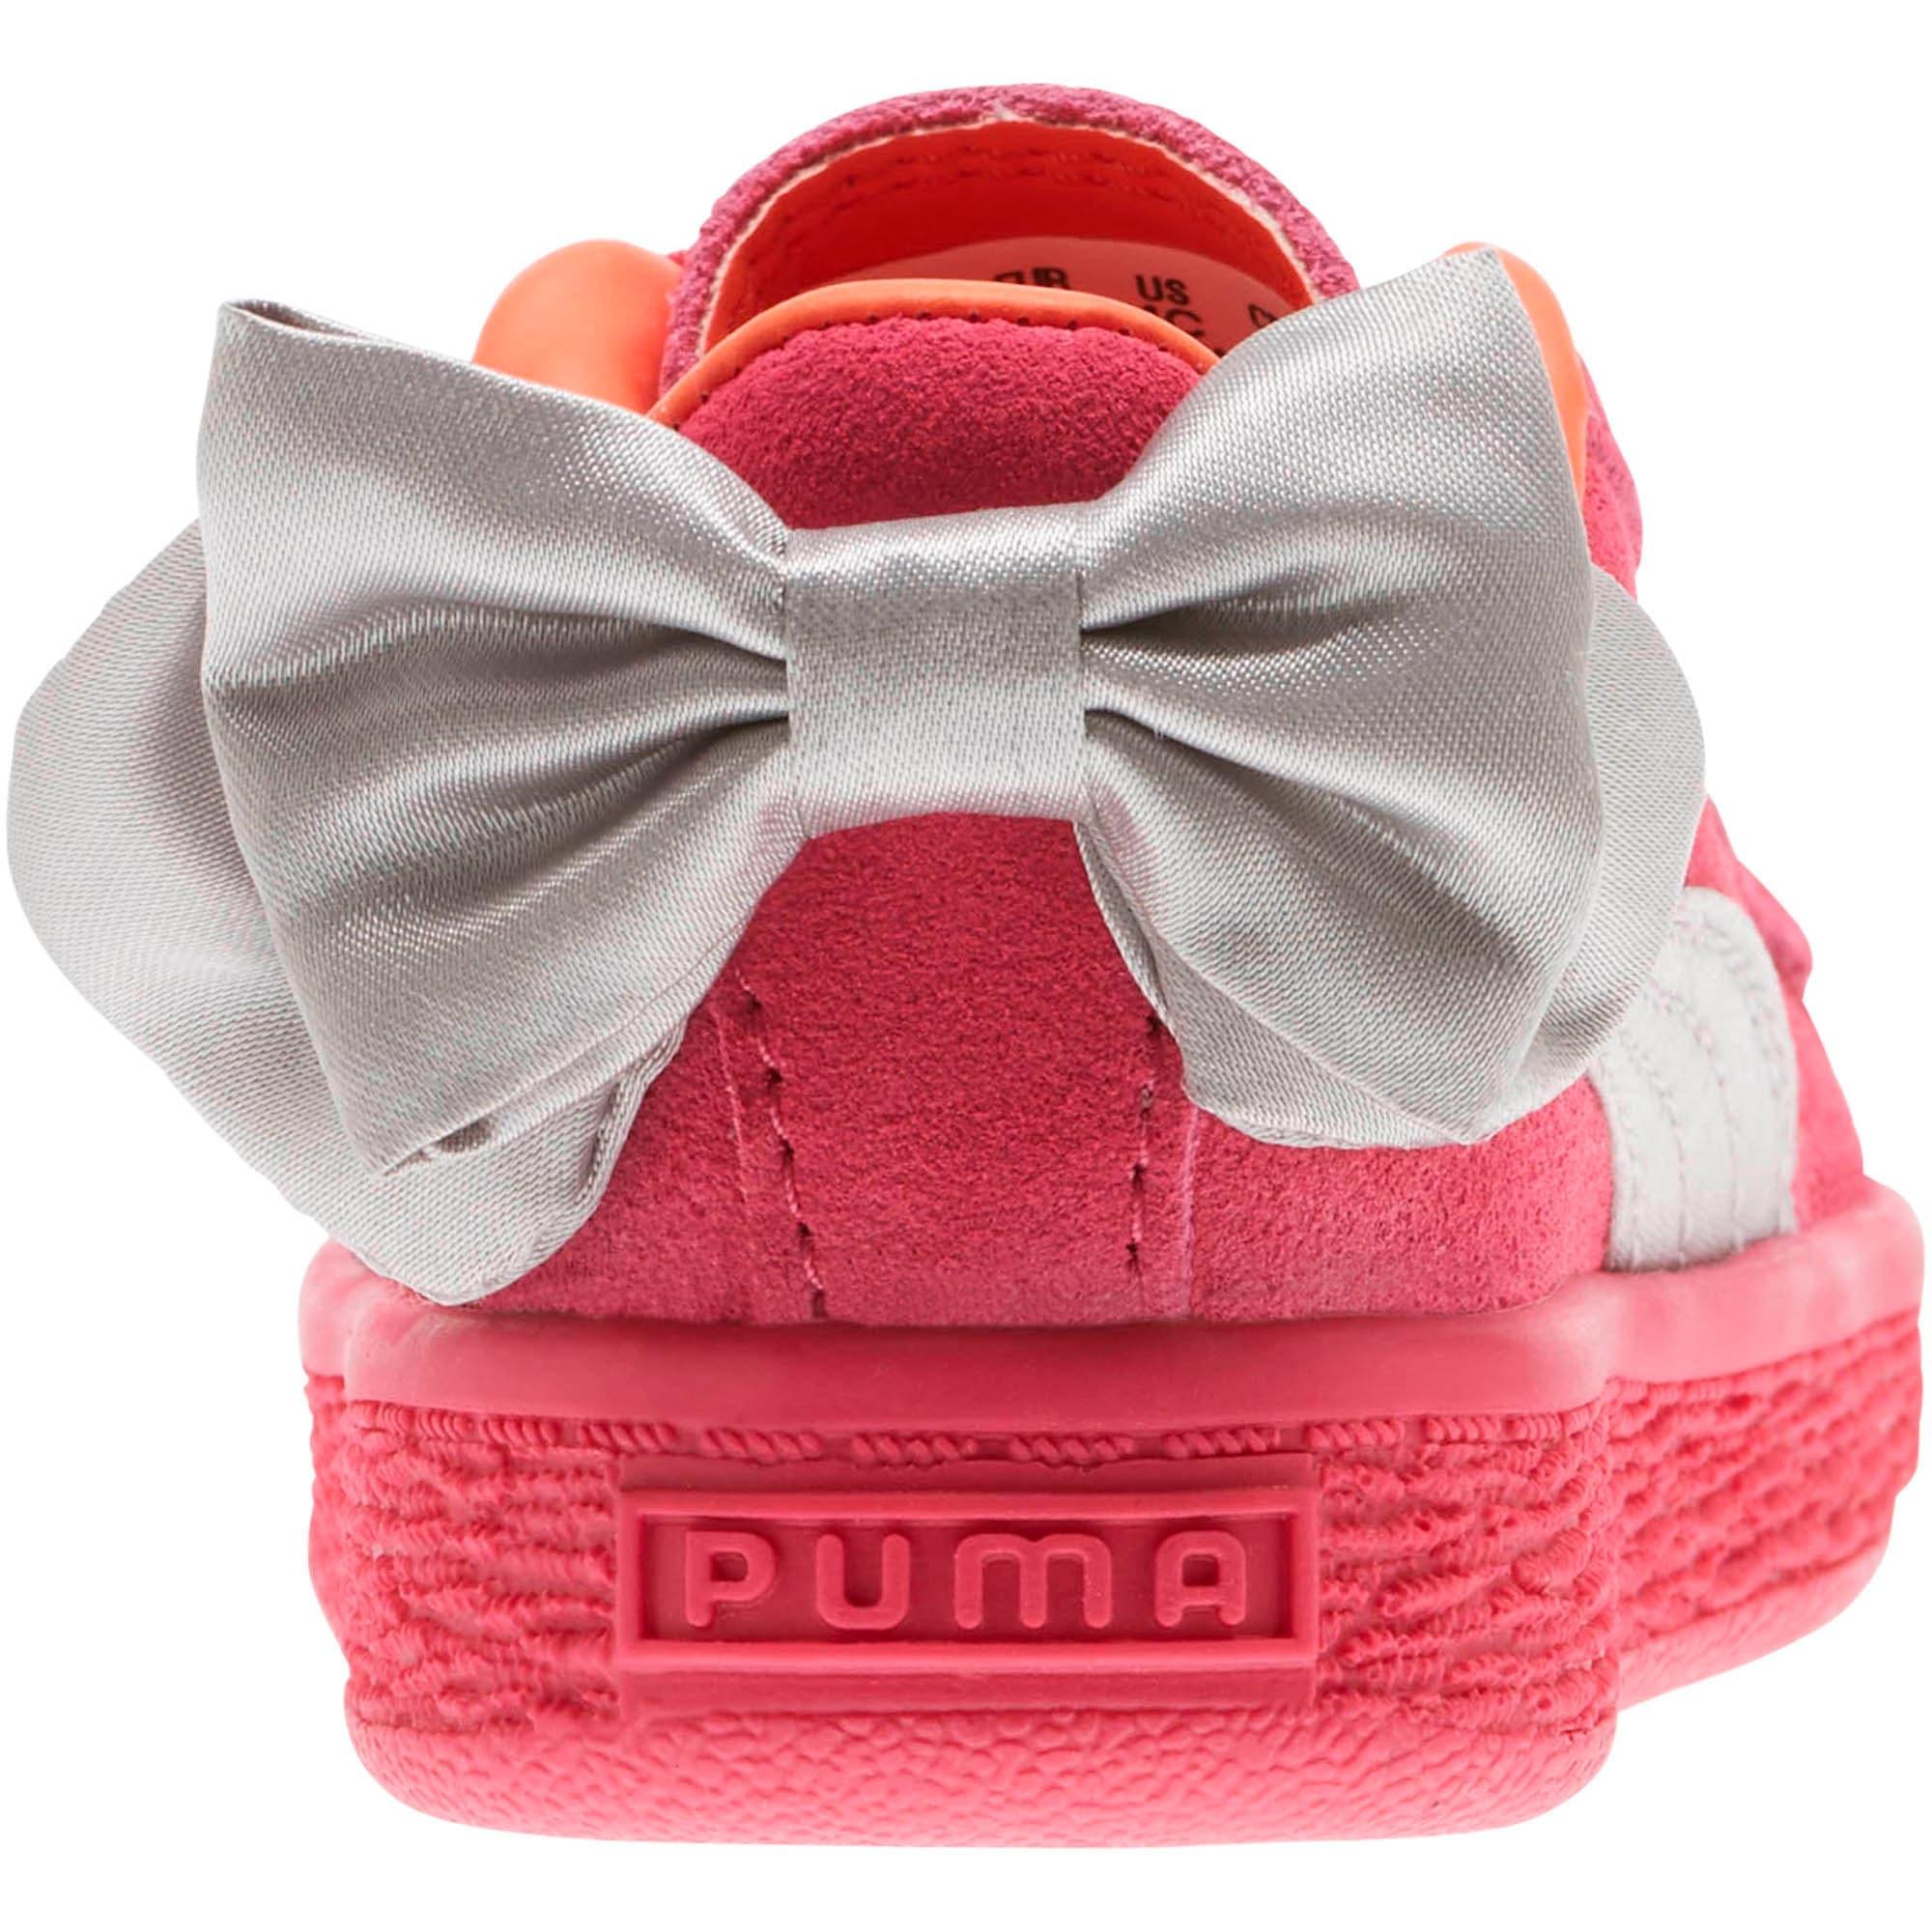 Thumbnail 4 of Suede Bow Toddler Shoes, Fuchsia Purple-Nasturtium, medium